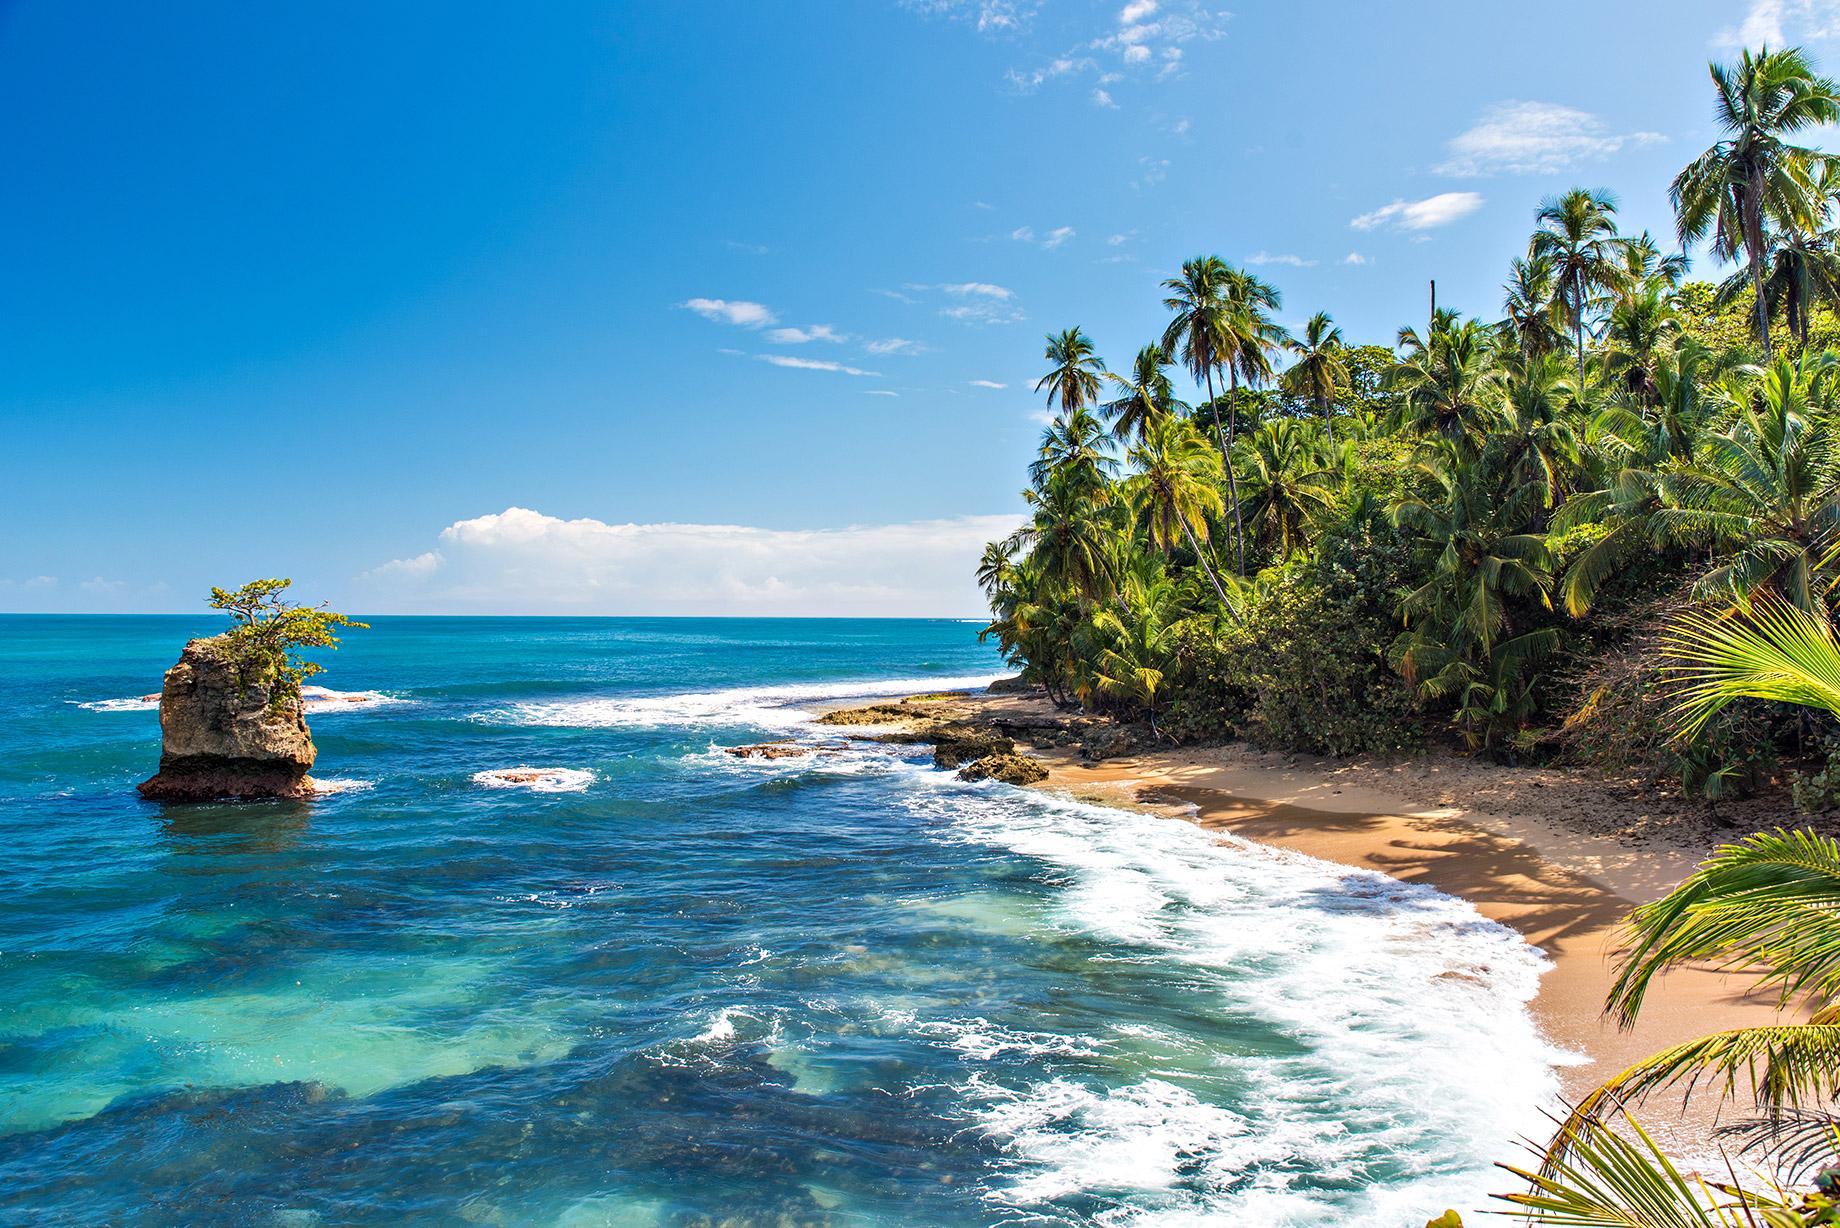 Plage sauvage des Caraïbes de Manzanillo - Puerto Viejo, Costa Rica - Top 10 des destinations de voyage de luxe dans le monde